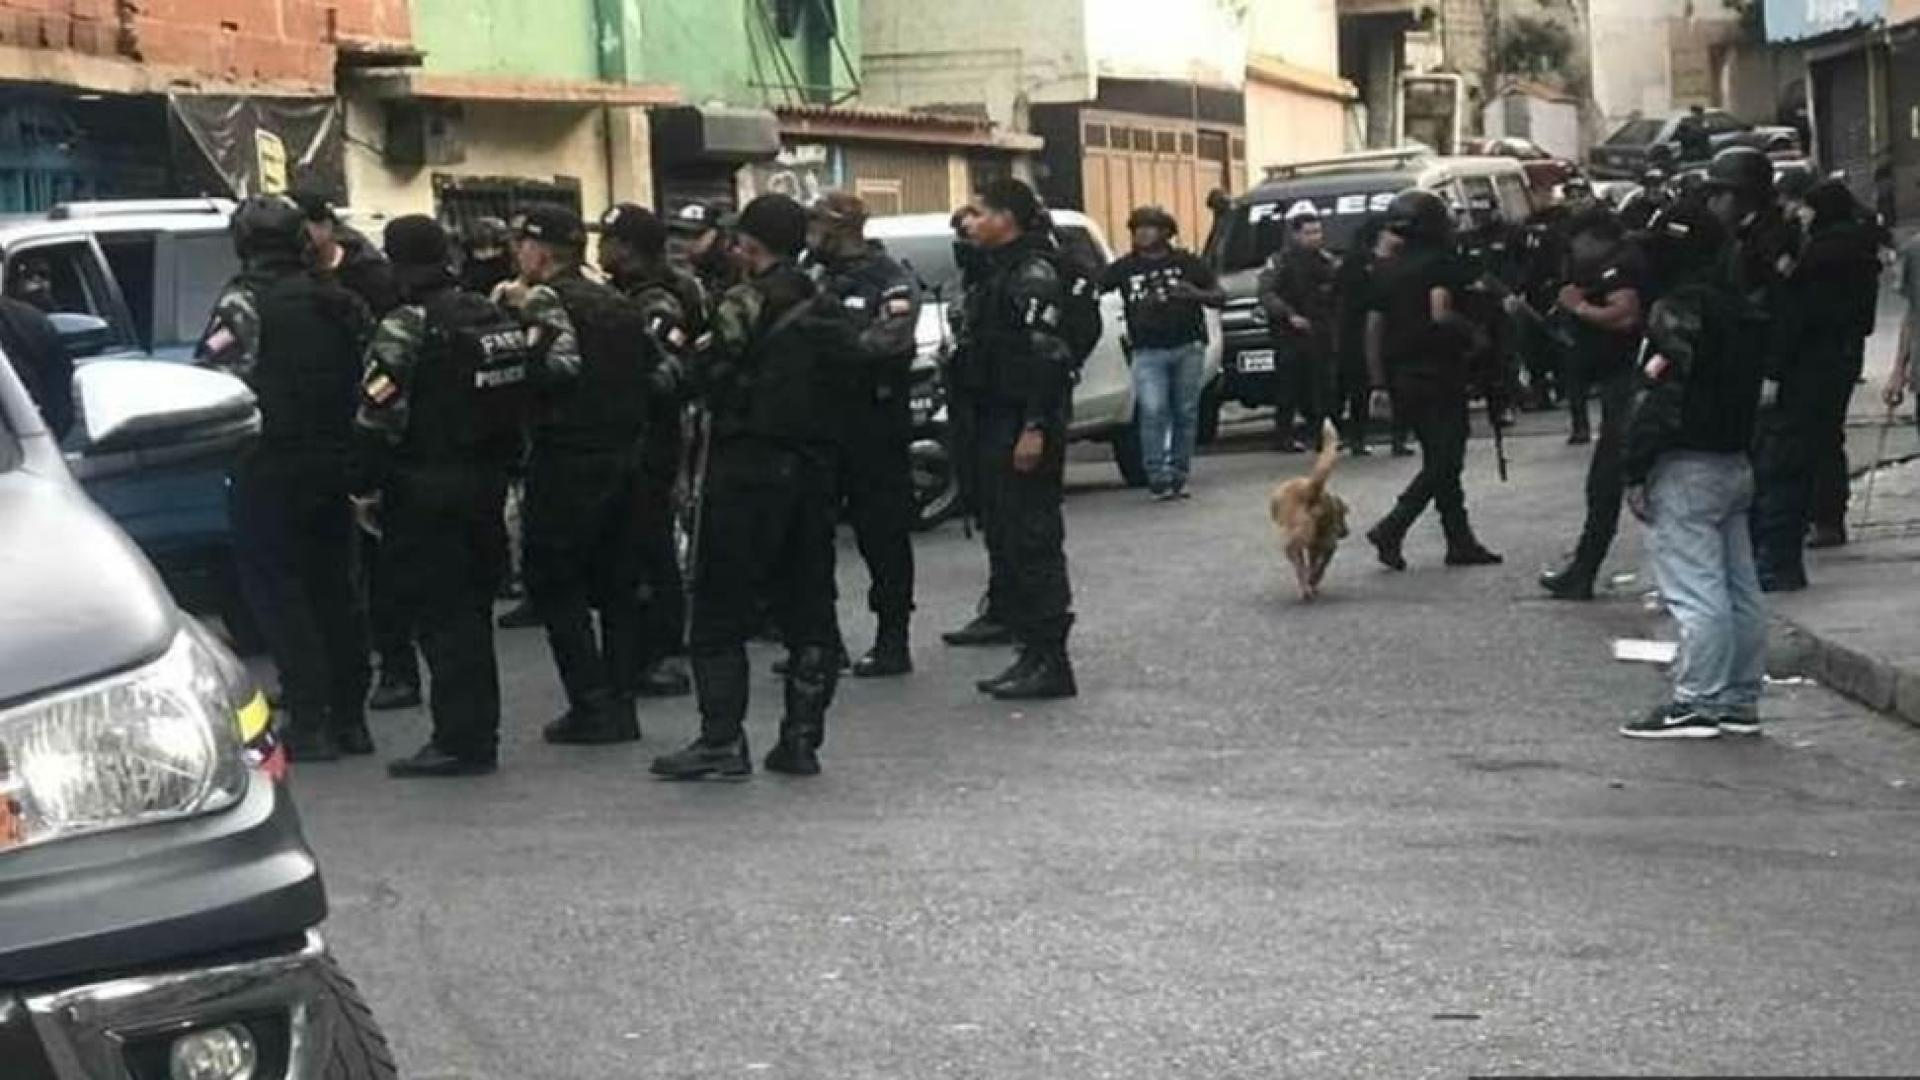 #MonitorDeVíctimas   Amplio operativo policial deja al menos 8 muertos en un barrio de Petare